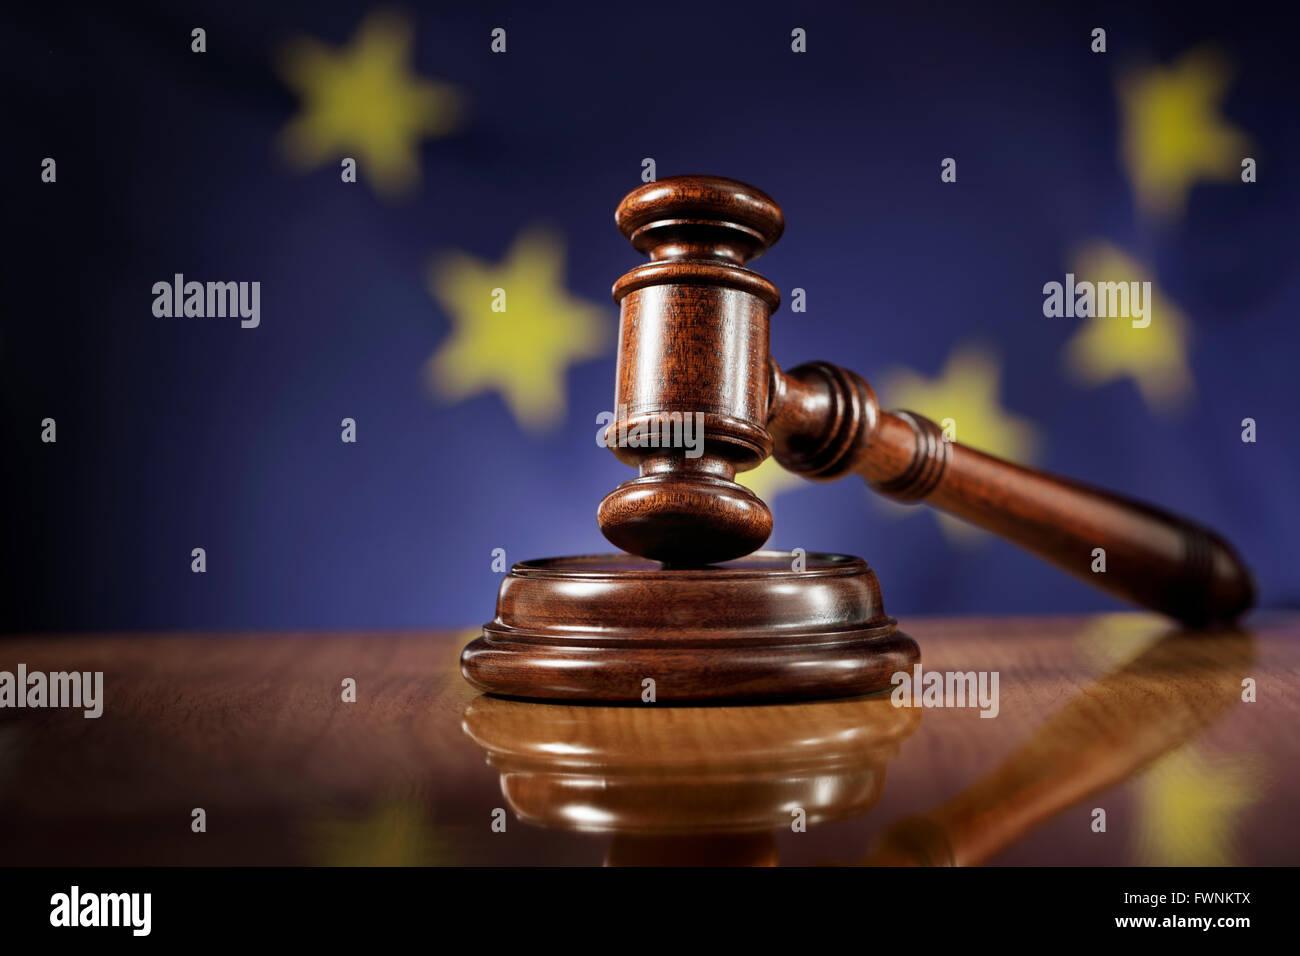 Mahagoni Holz Hammer auf glänzende Holztisch. Flagge der Europäischen Union, EU, im Hintergrund. Stockbild